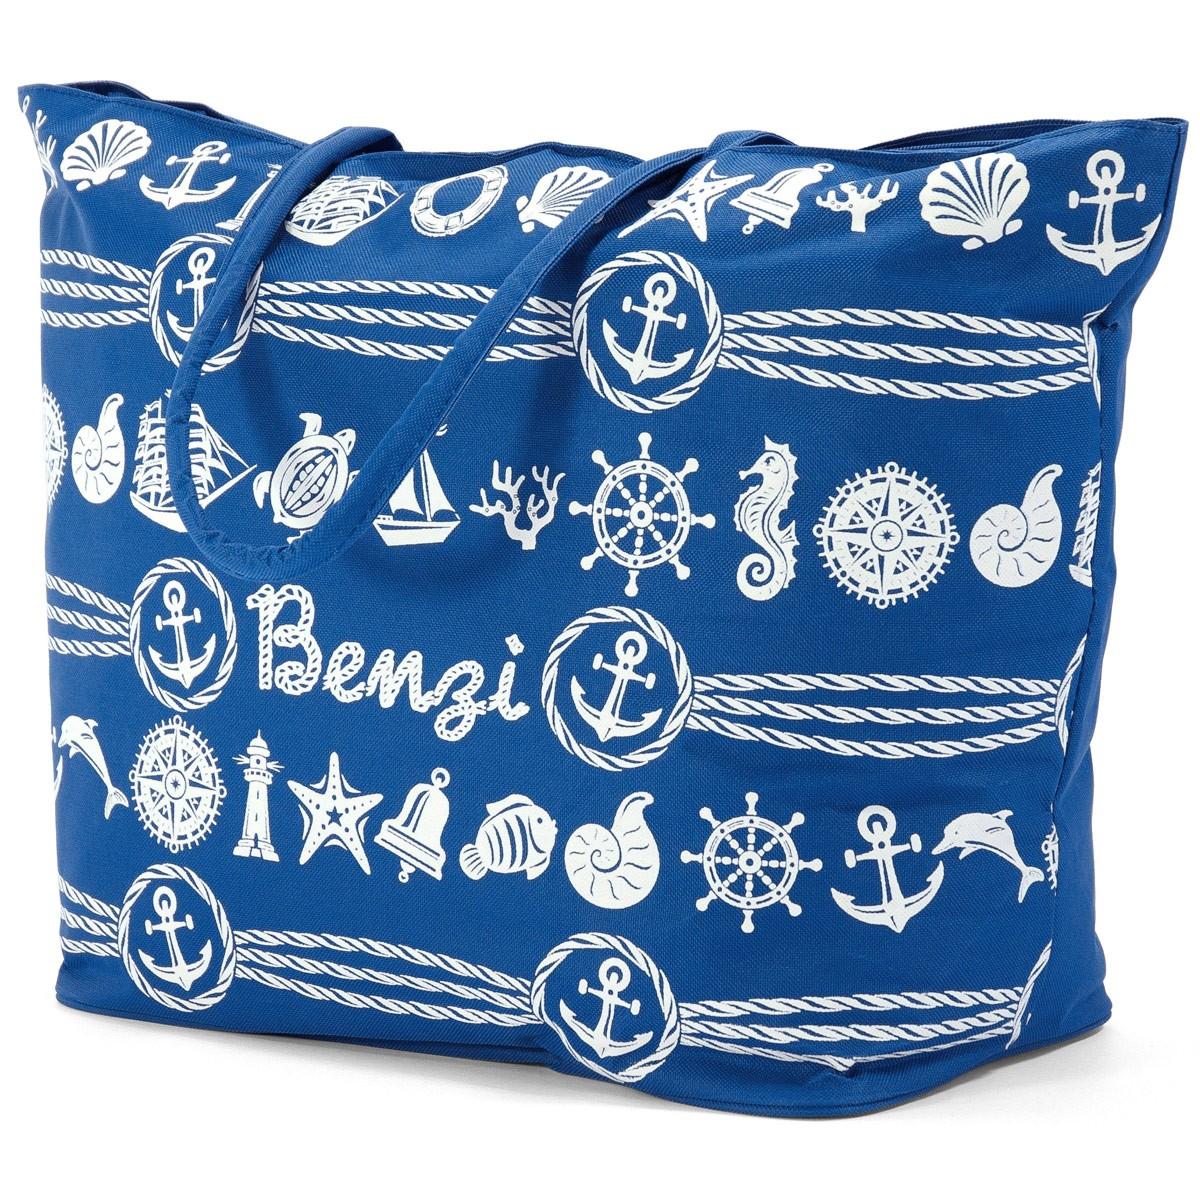 Τσάντα Παραλίας Benzi 4998 Ciel home   θαλάσσης   τσάντες παραλίας